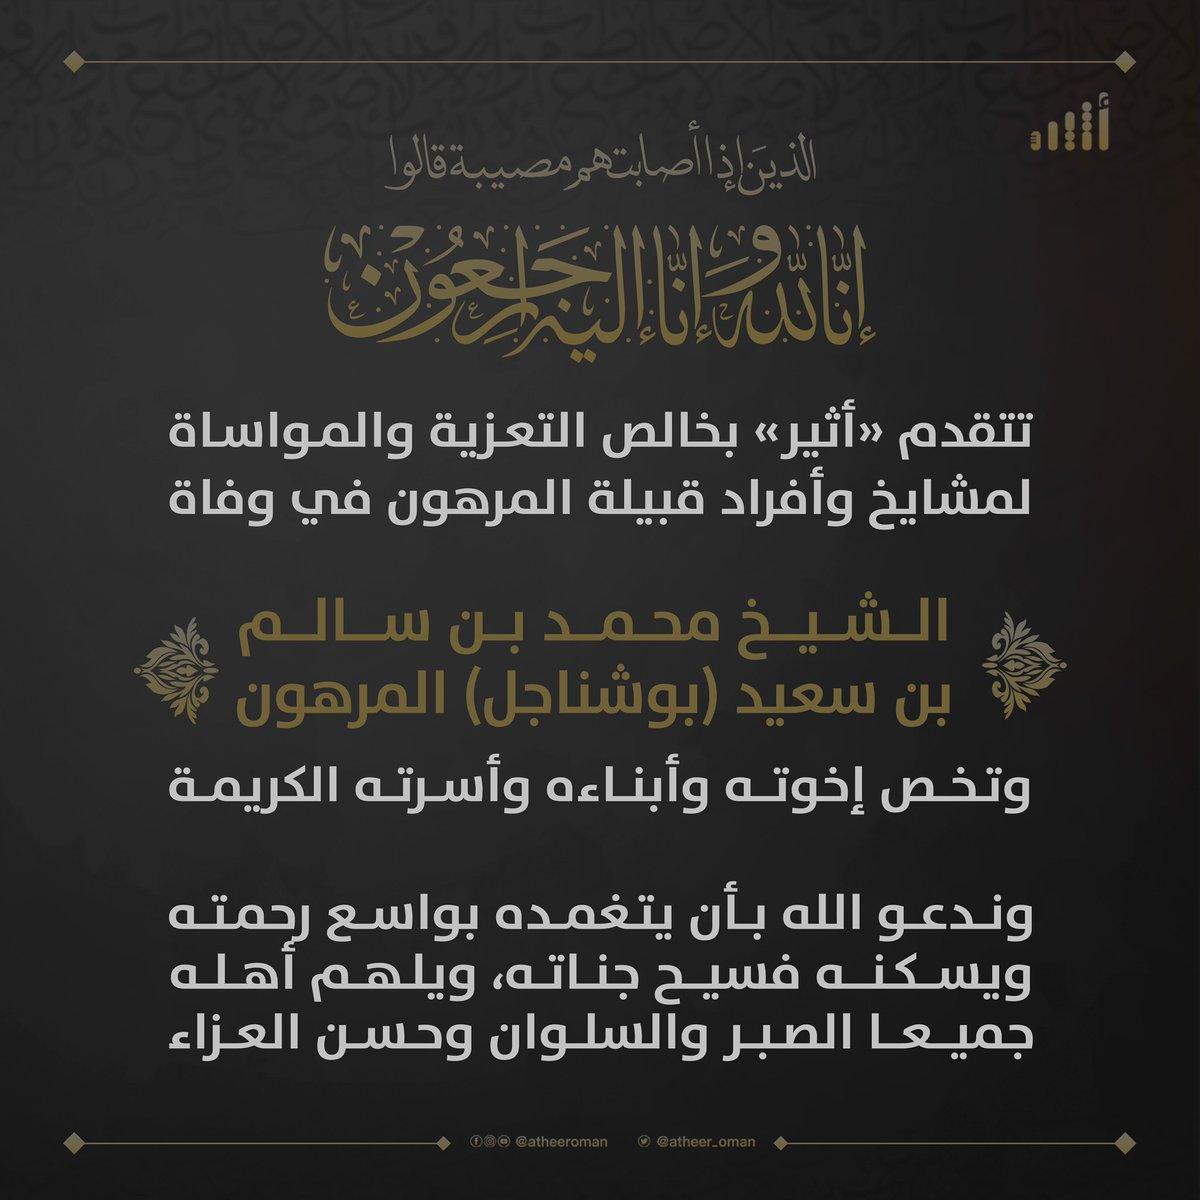 تعزية من أثير في وفاة الشيخ محمد بن سالم بن سعيد المرهون